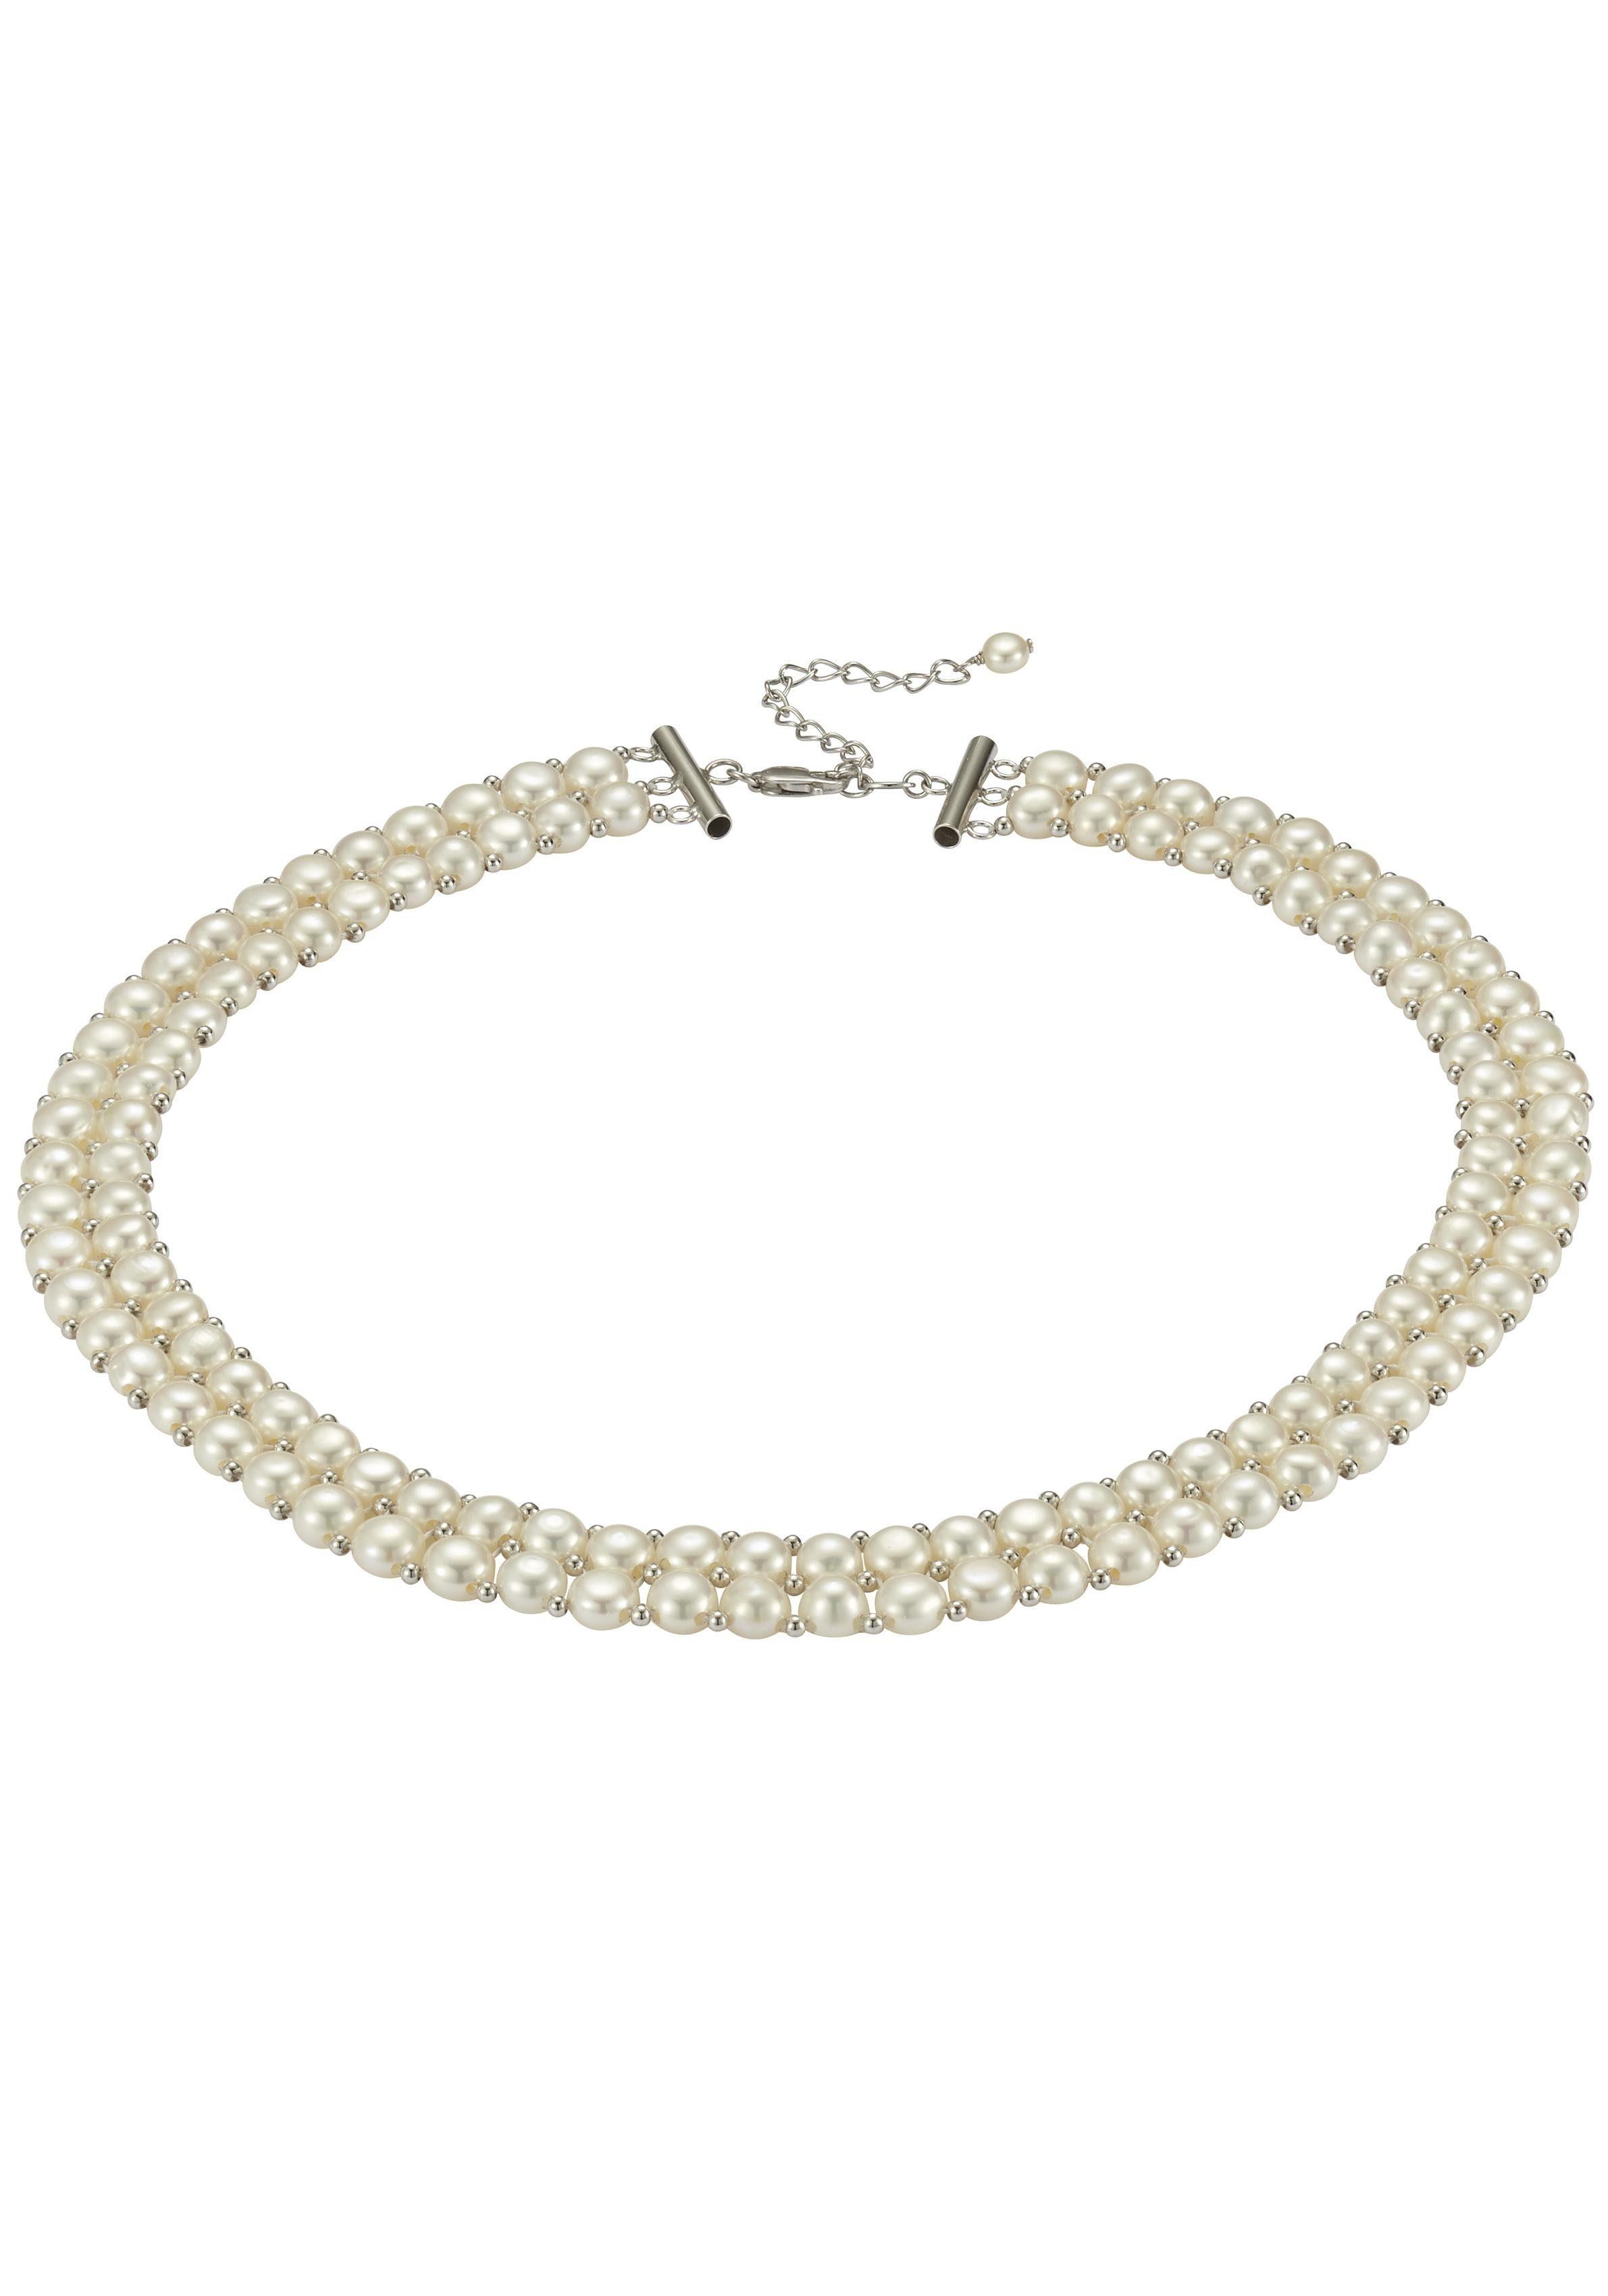 Adriana Perlenkette »La mia perla, A105« mit Süßwasserzuchtperlen